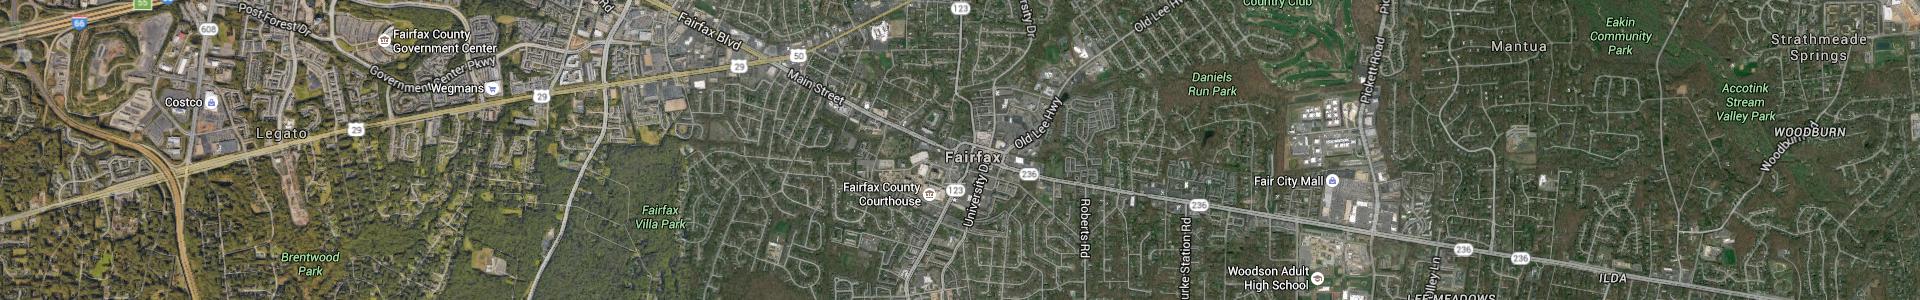 Fairfax County, VA